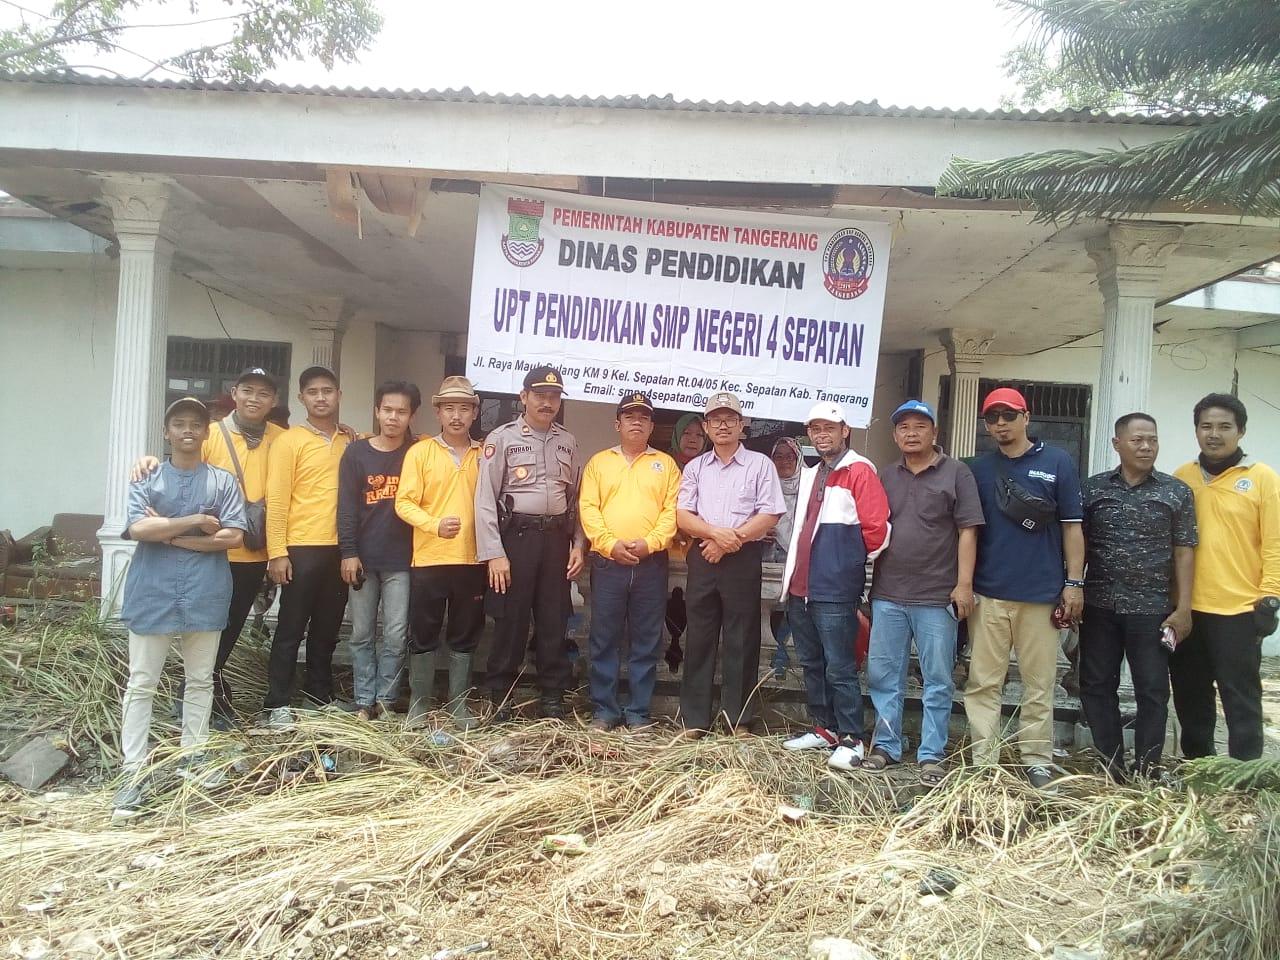 UPT Pendidikan SMPN 4 Sepatan Gelar Bersih Lahan SMPN